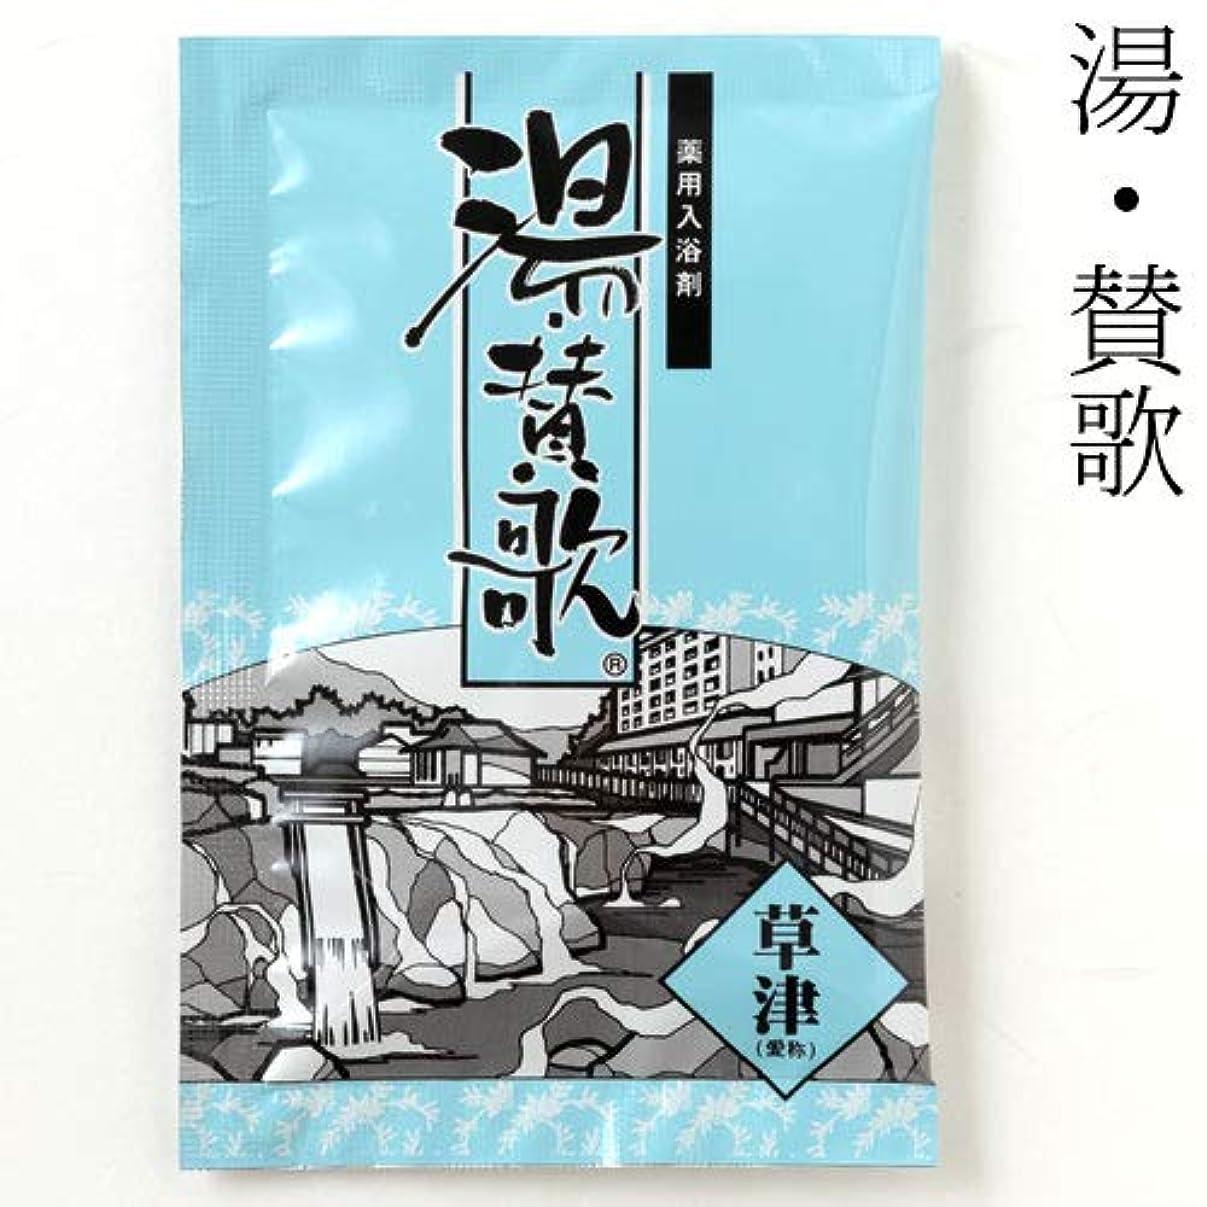 入浴剤湯?賛歌草津1包石川県のお風呂グッズBath additive, Ishikawa craft